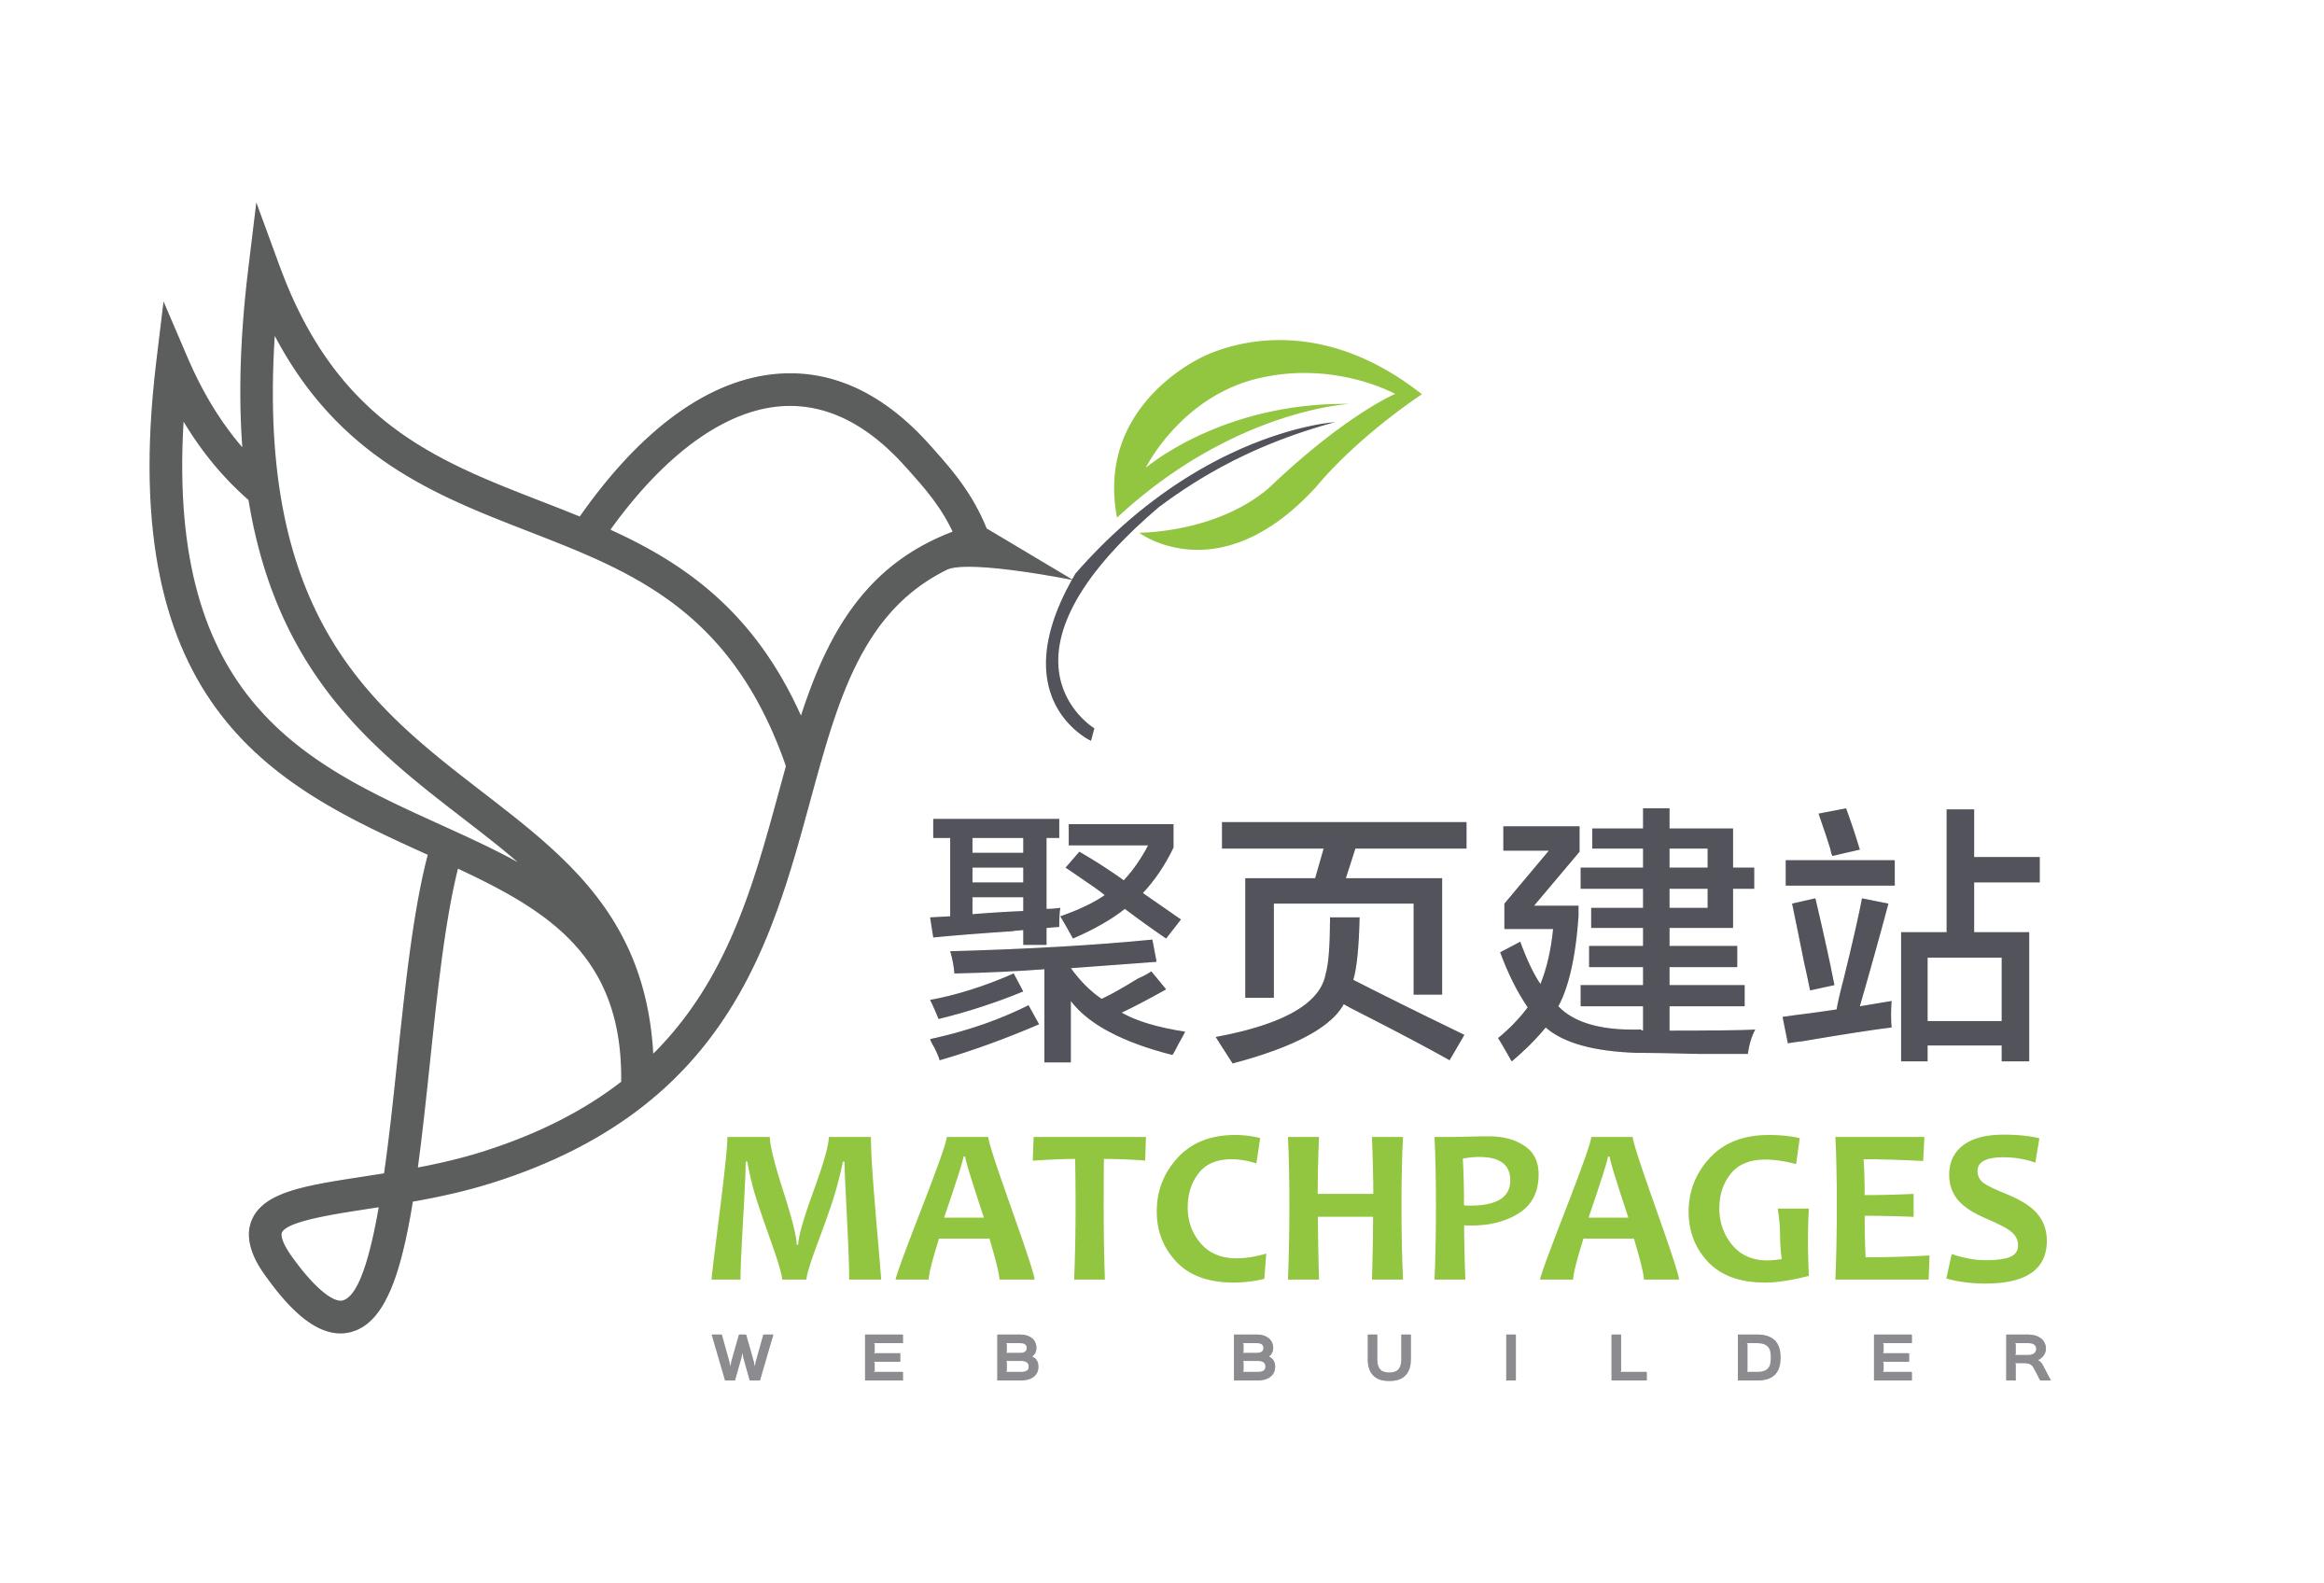 聚页建站matchpages-logo